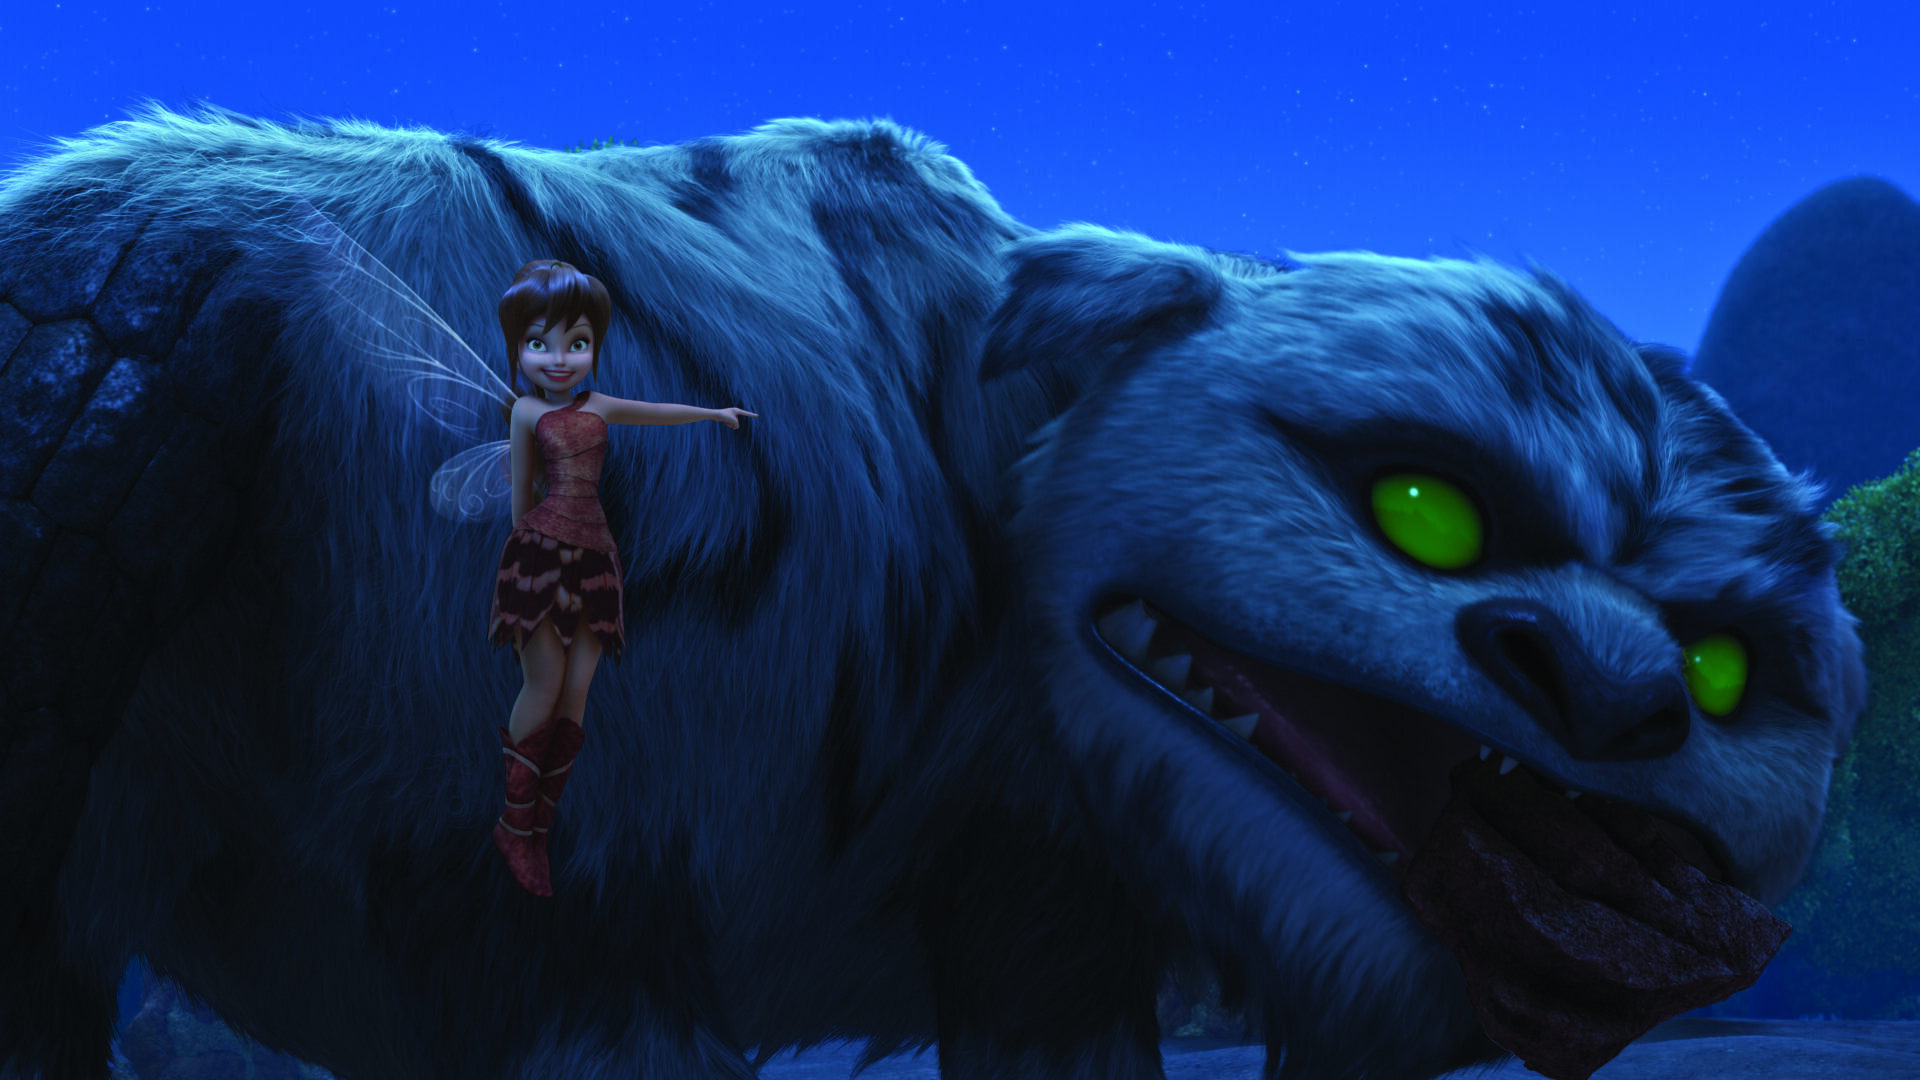 Картинки из феи легенда о чудовище